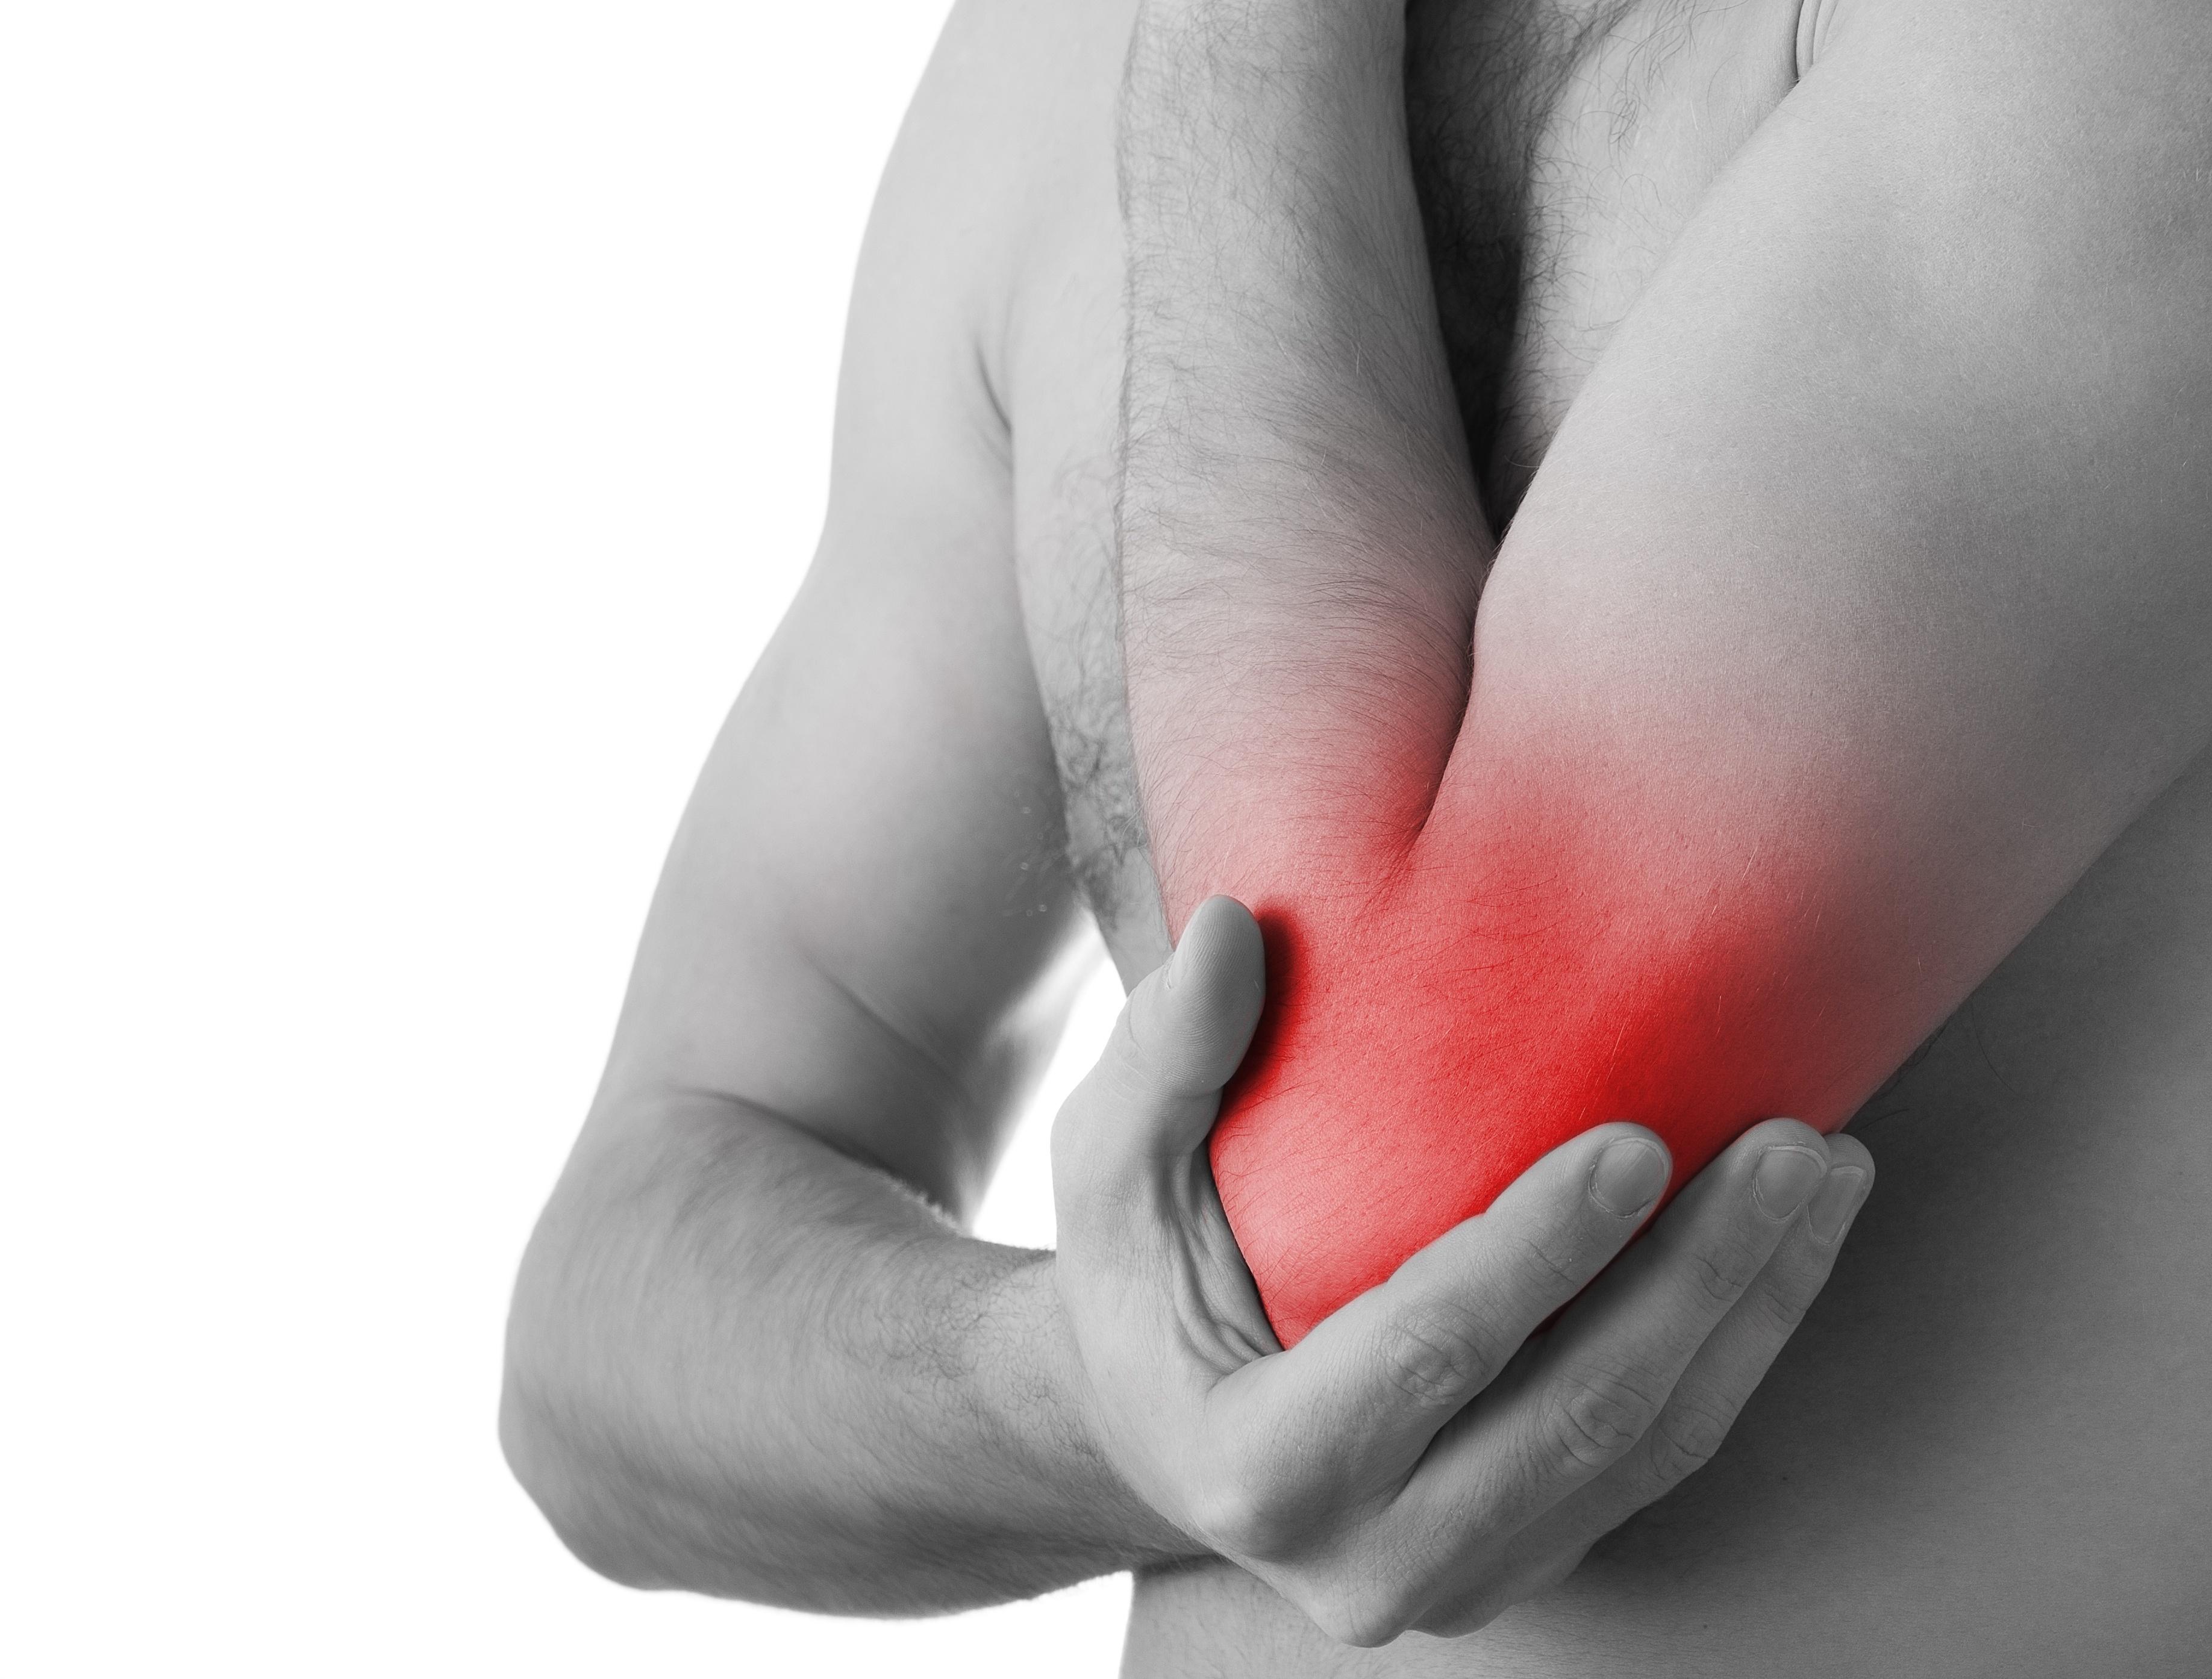 sóhasználat ízületi fájdalmak esetén